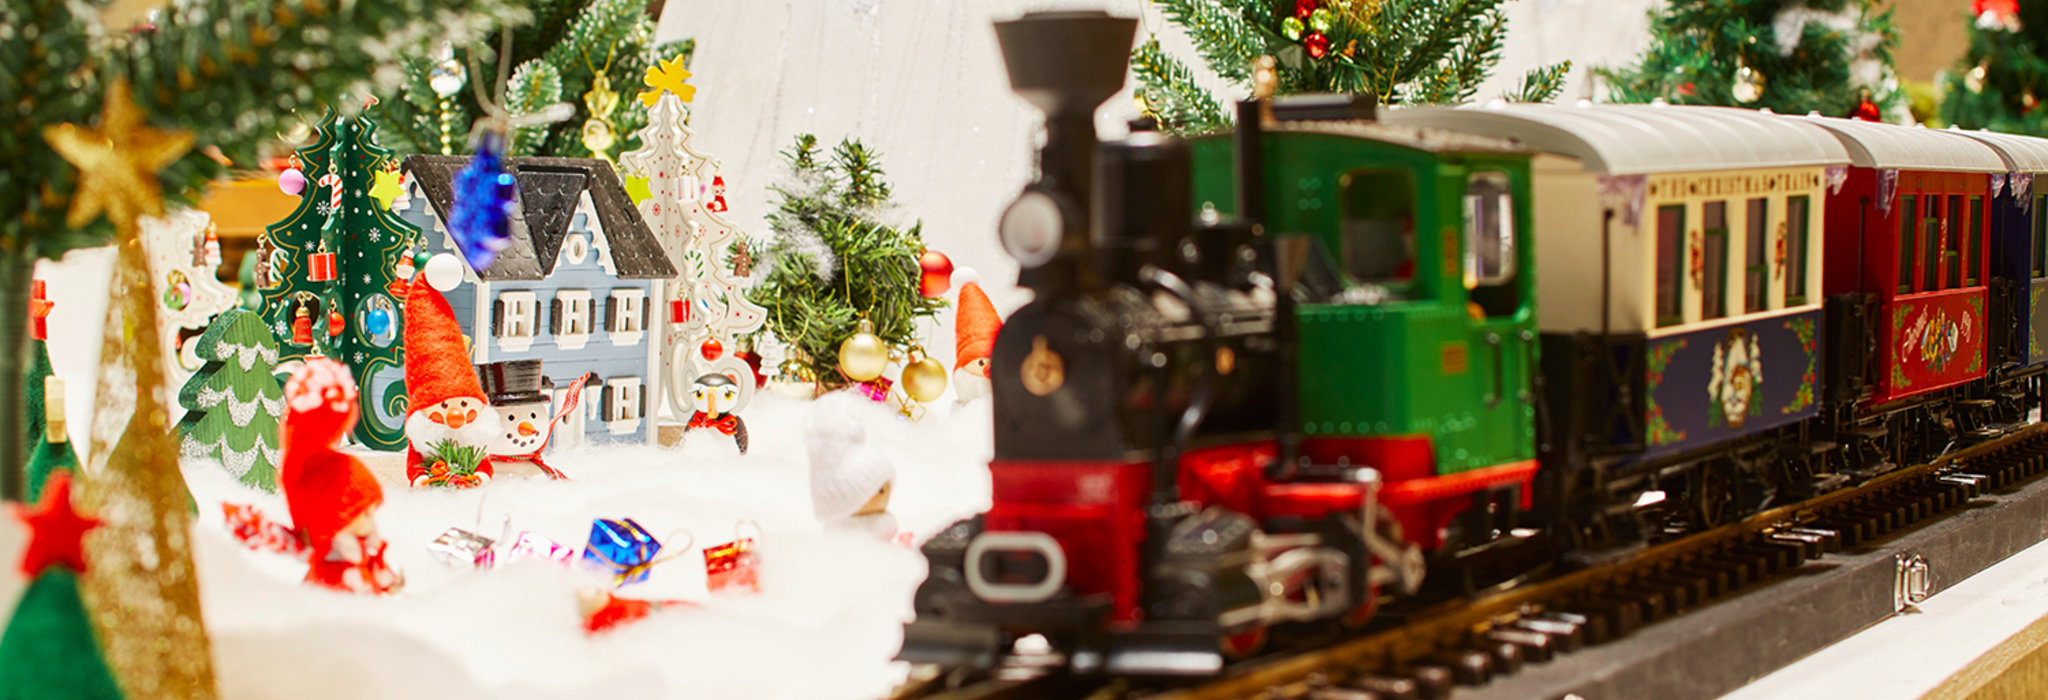 期間限定展示! 雪景色の中を駆け抜ける、マンダリンオリエンタル東京のクリスマス鉄道模型ディスプレイ。_image